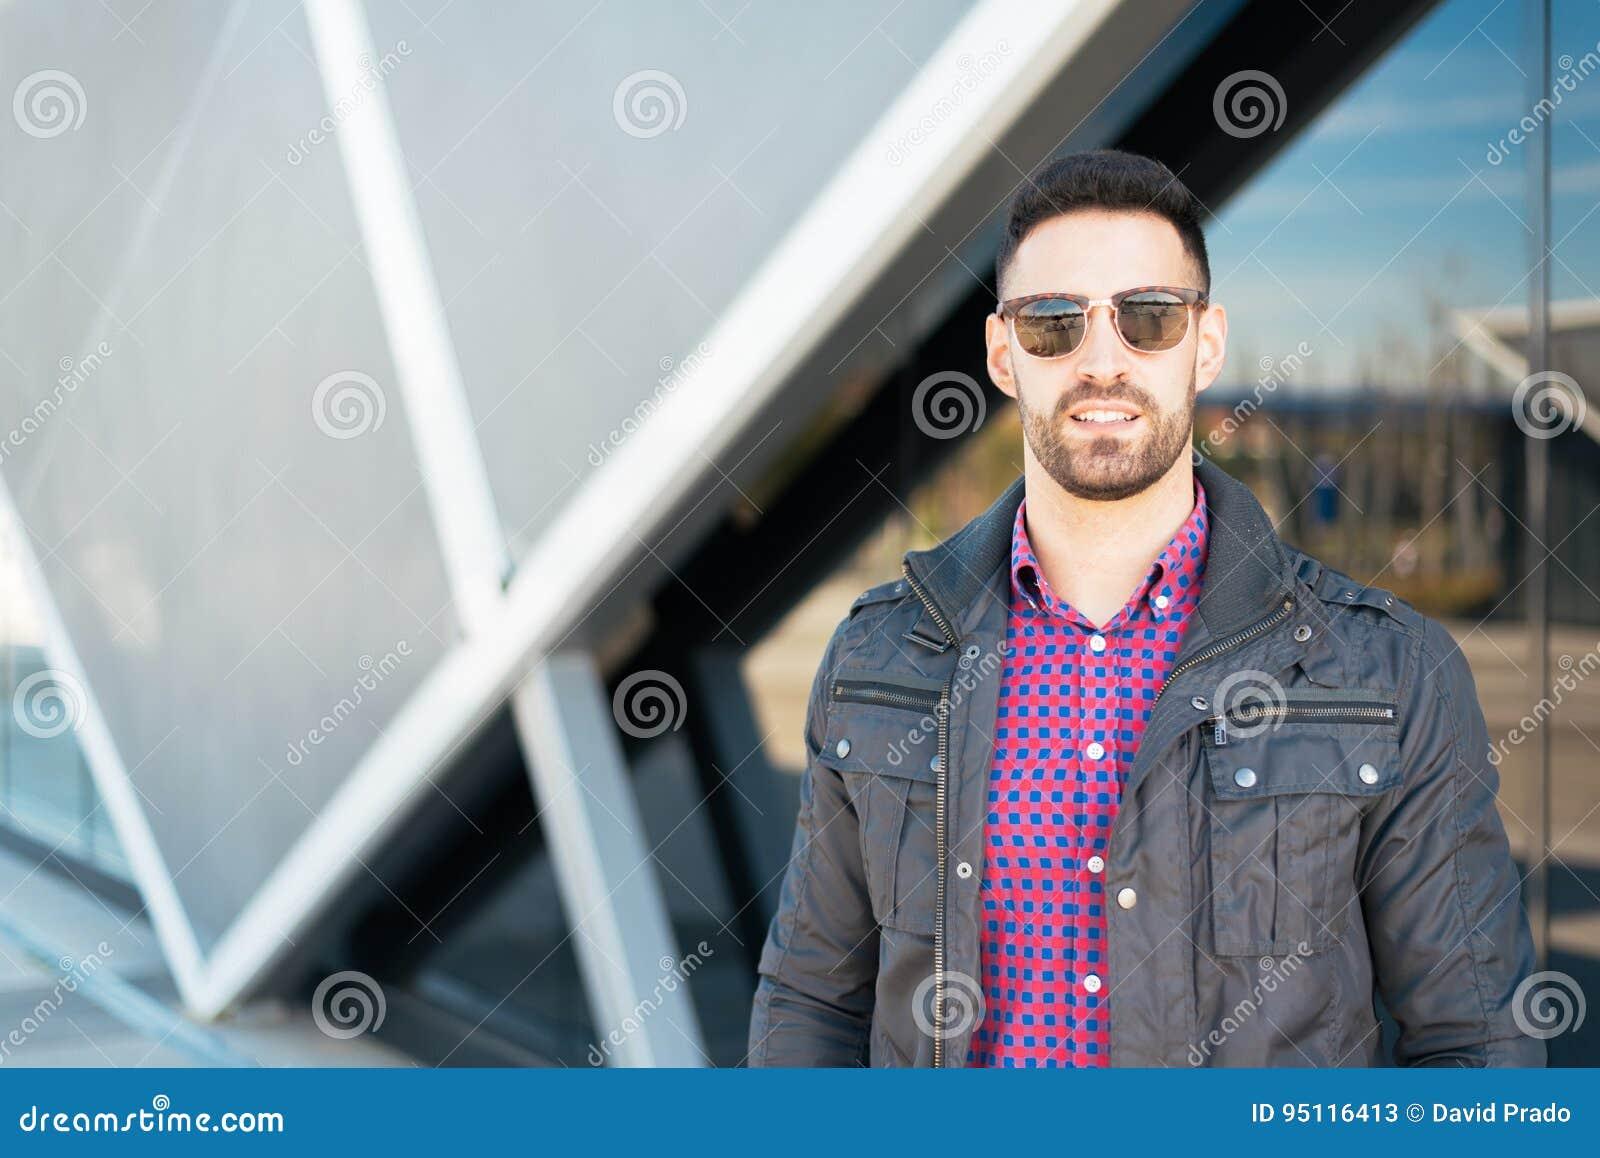 Jeune Le Avec Portrait Heureux D'homme Sourire Américain De Lunettes 76gYbfy